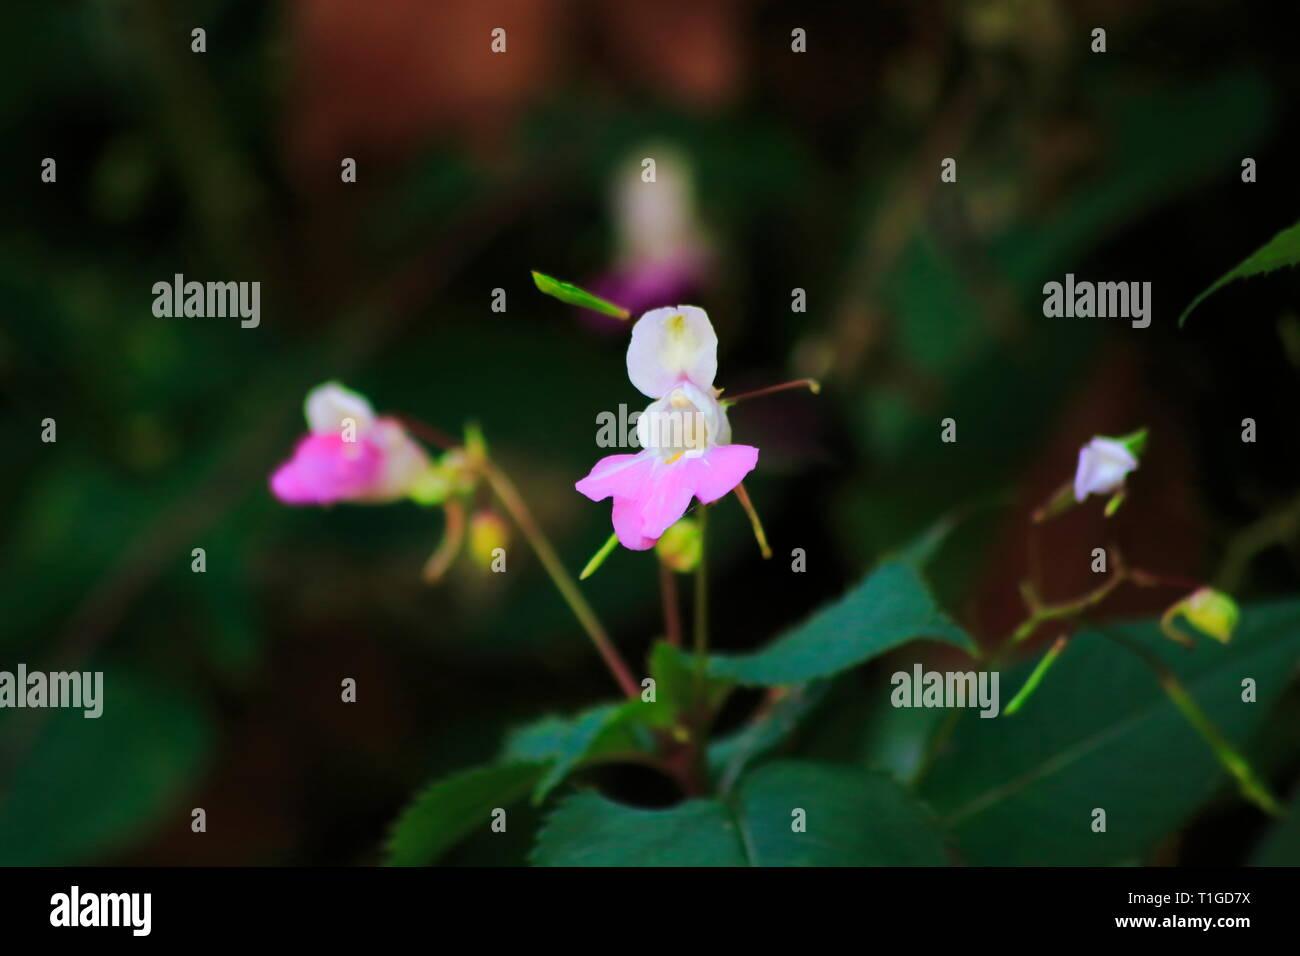 Rosa, lila farbenes Springkraut mit unscharfem dunklen Hintergrund Foto de stock